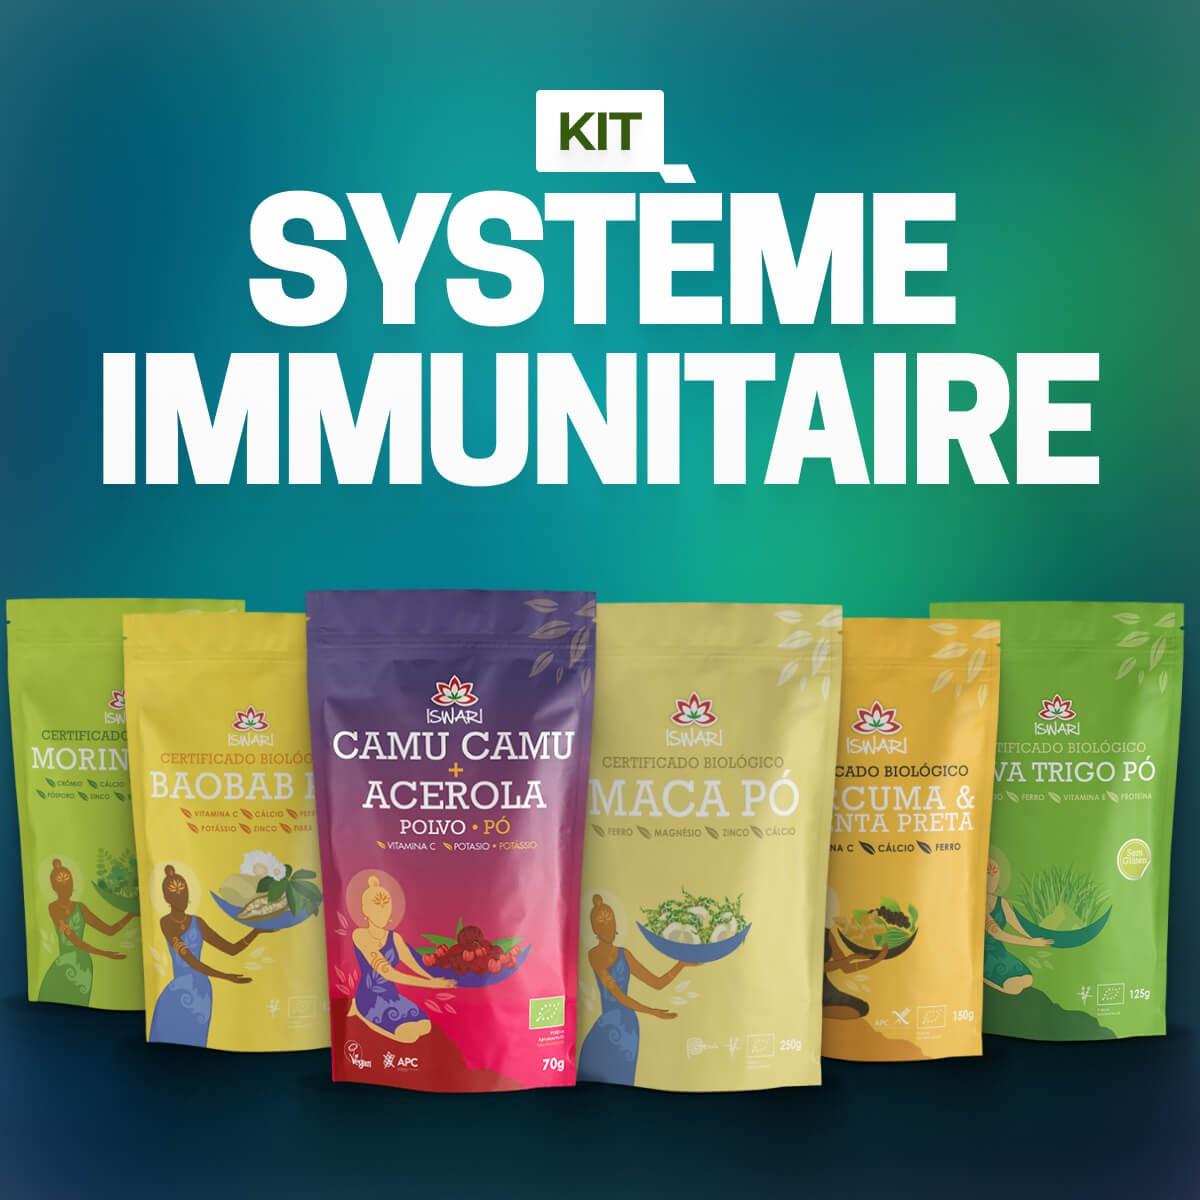 Kit Système Immunitaire